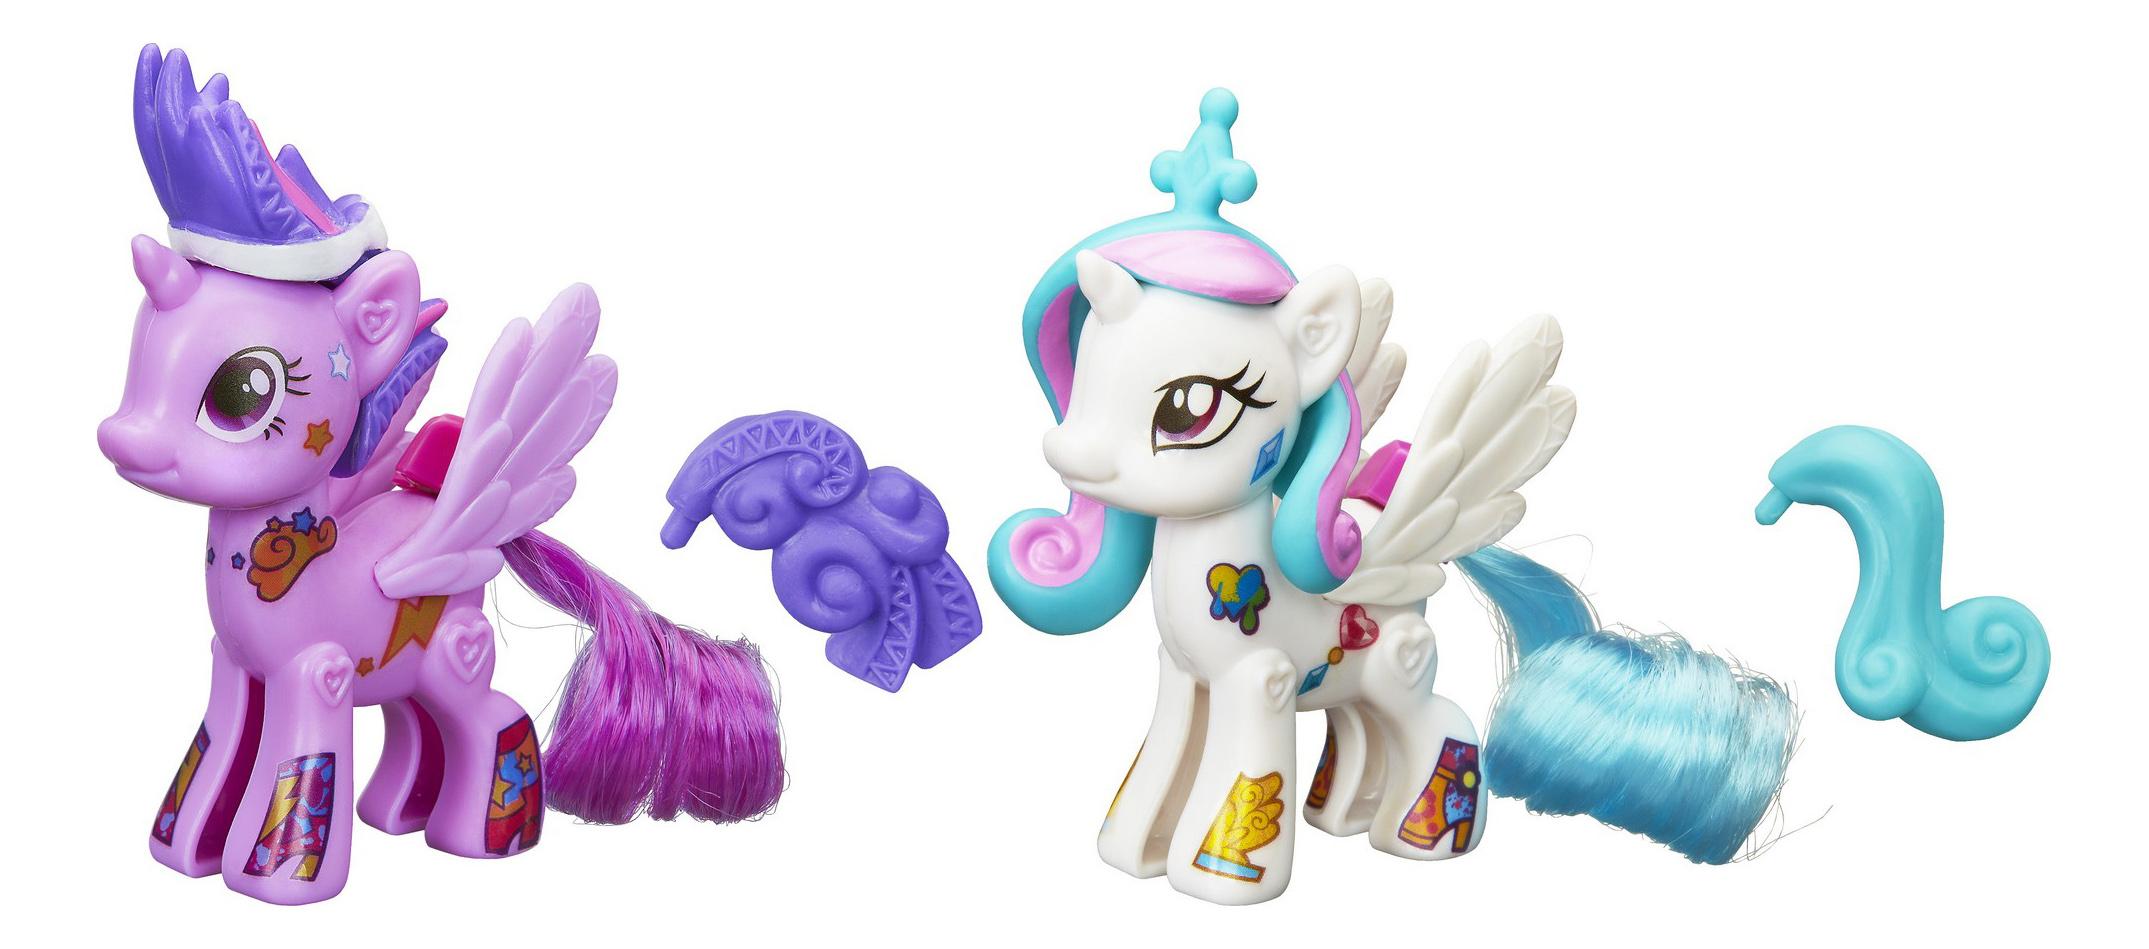 Купить Создай свою пони Celestia and Twilight Sparkle , Игровой набор MLP «Создай свою пони» Celestia and Twilight Sparkle, My little Pony, Игровые наборы